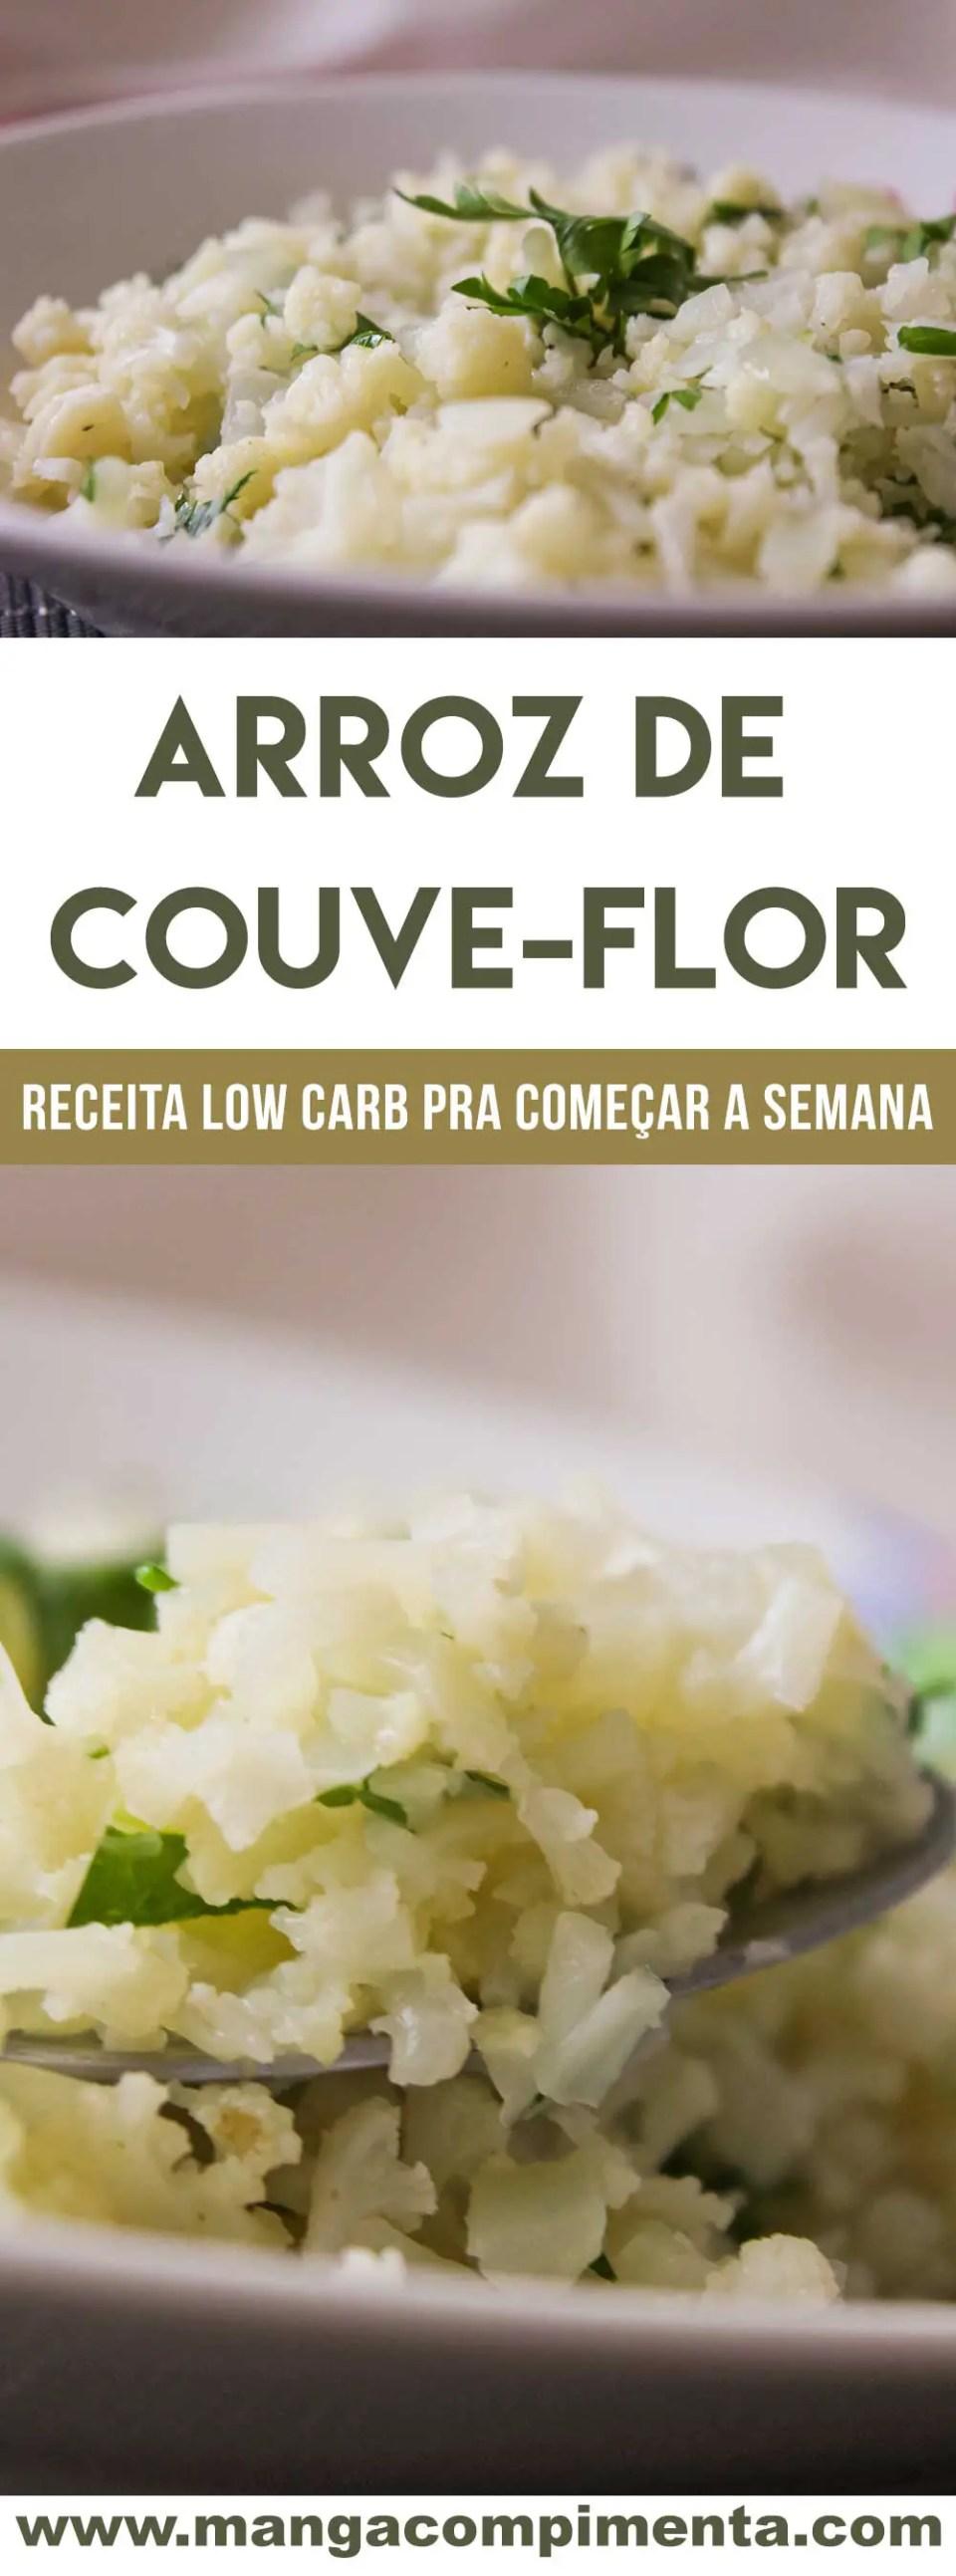 Receita de Arroz de Couve-flor - um prato Low Carb para quem pretende começar uma dieta nessa segunda-feira!